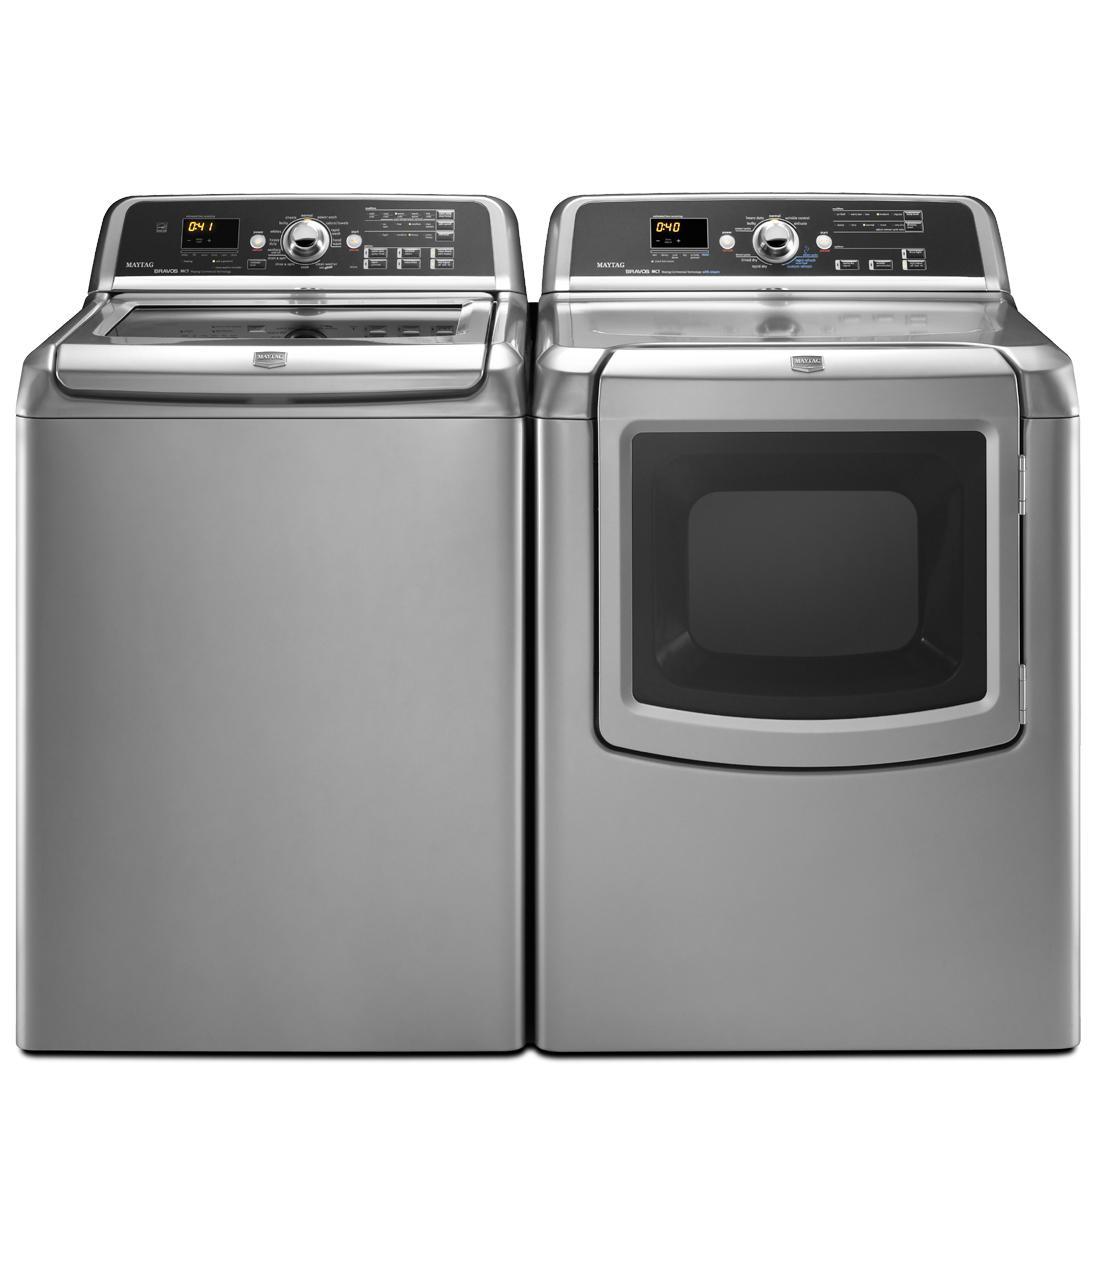 Mgdb850wb Maytag Mgdb850wb Bravos Series Gas Dryers Black